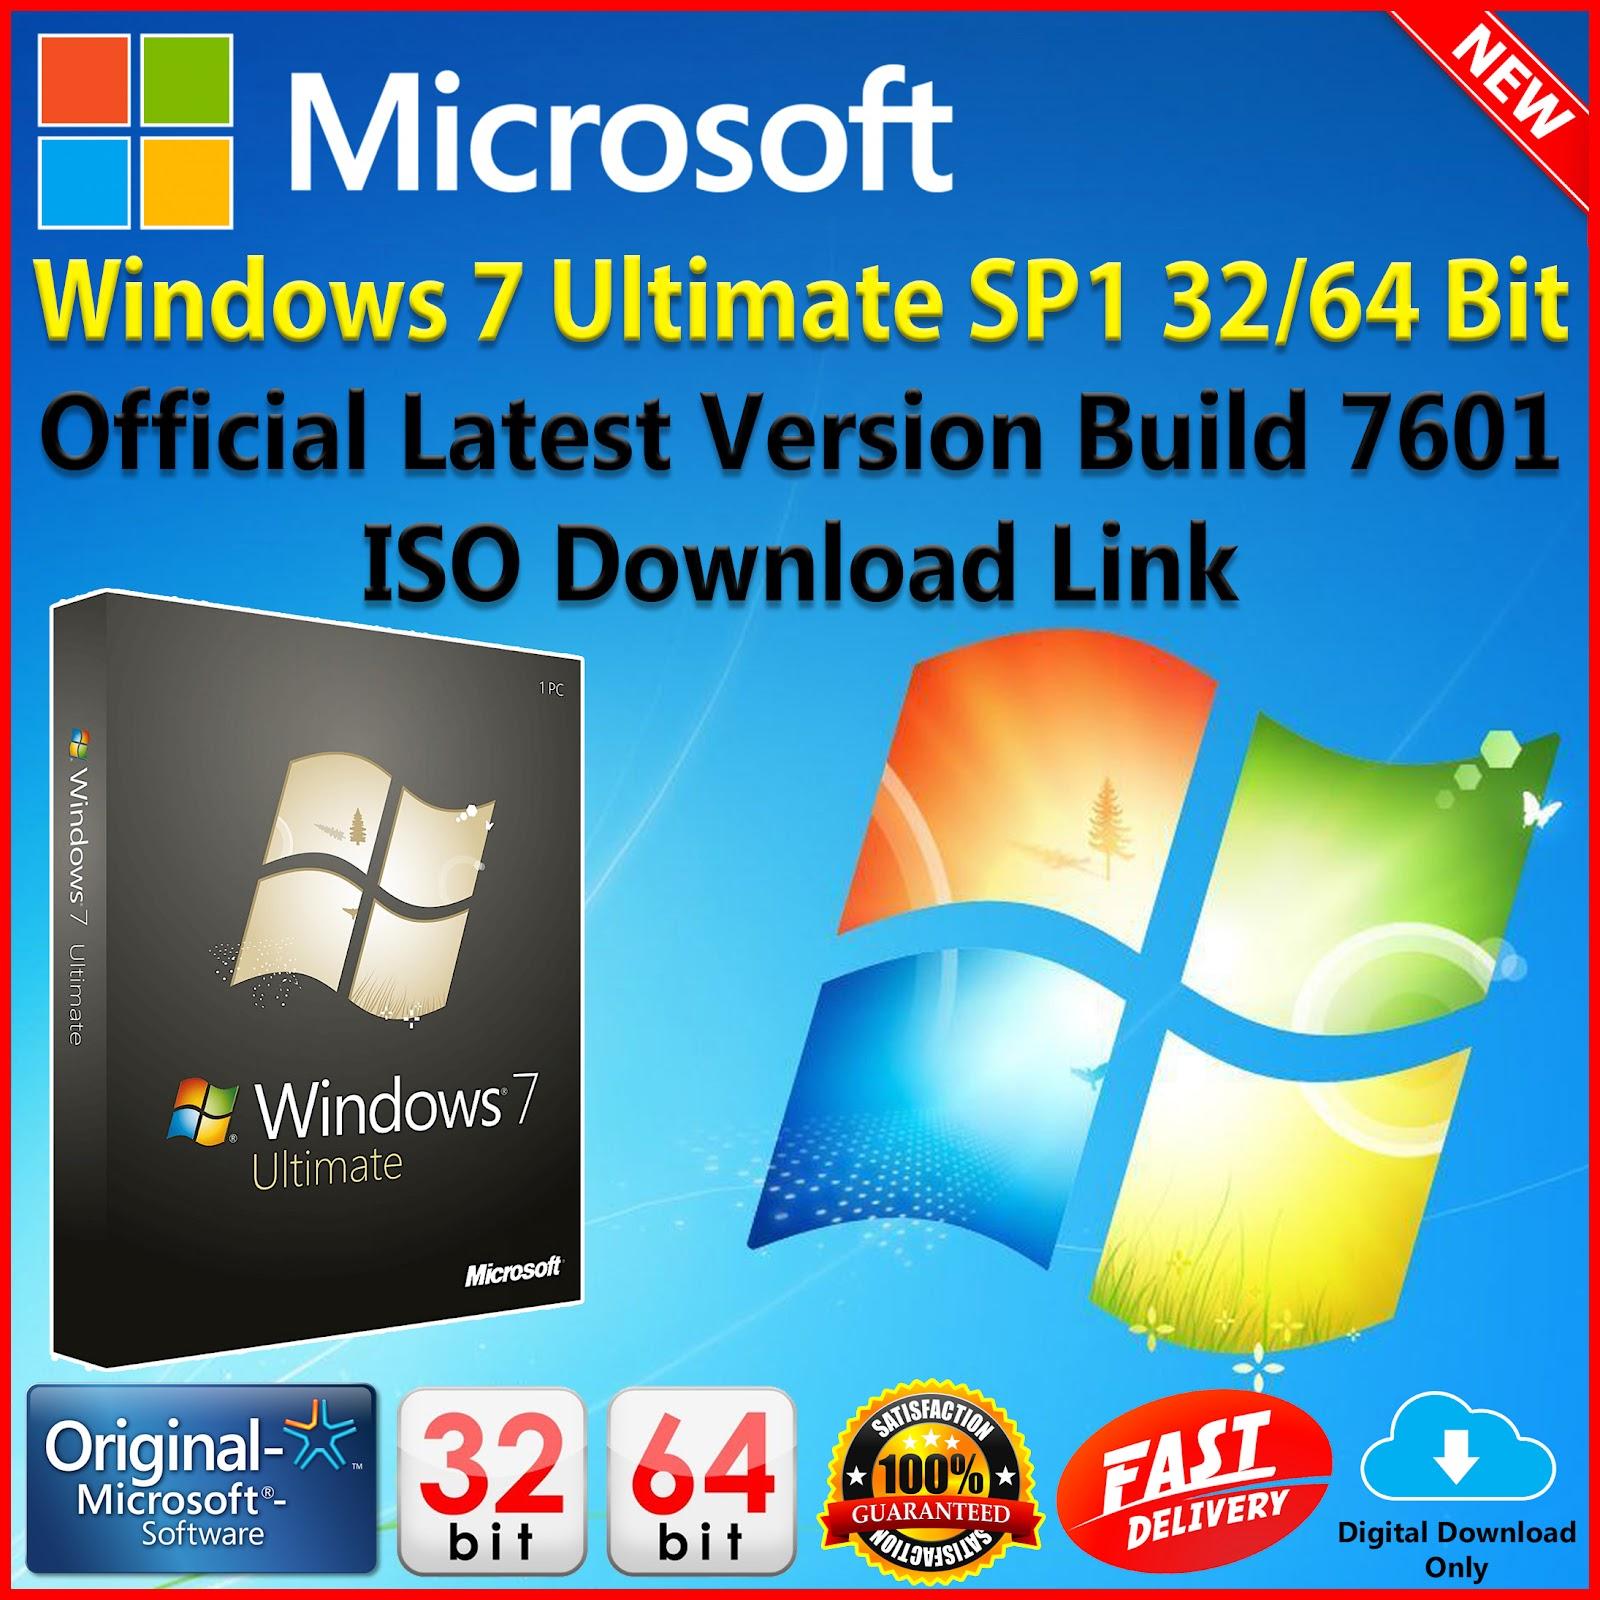 Windows 7 Ultimate SP1